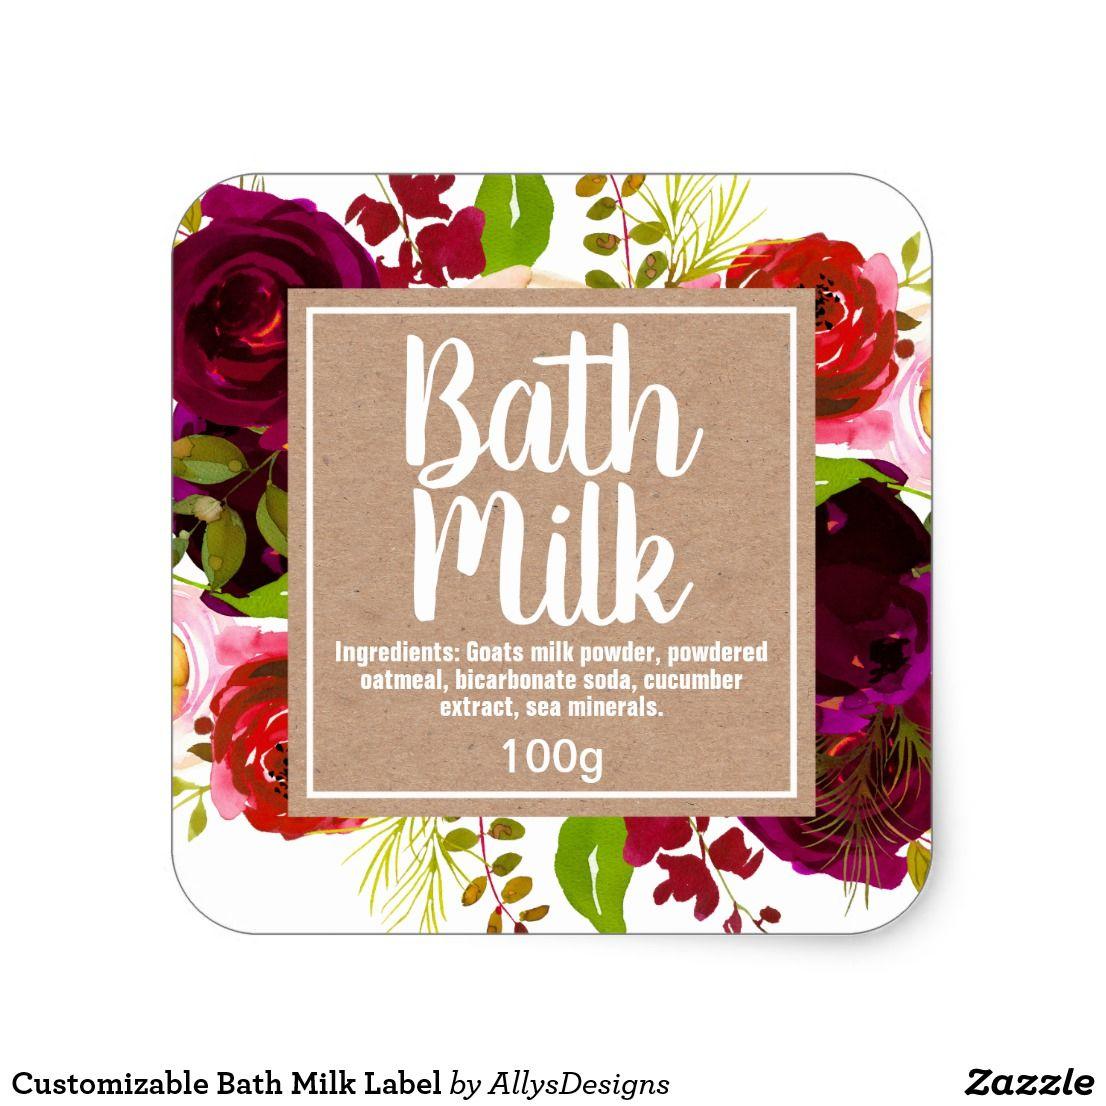 Customizable Bath Milk Label